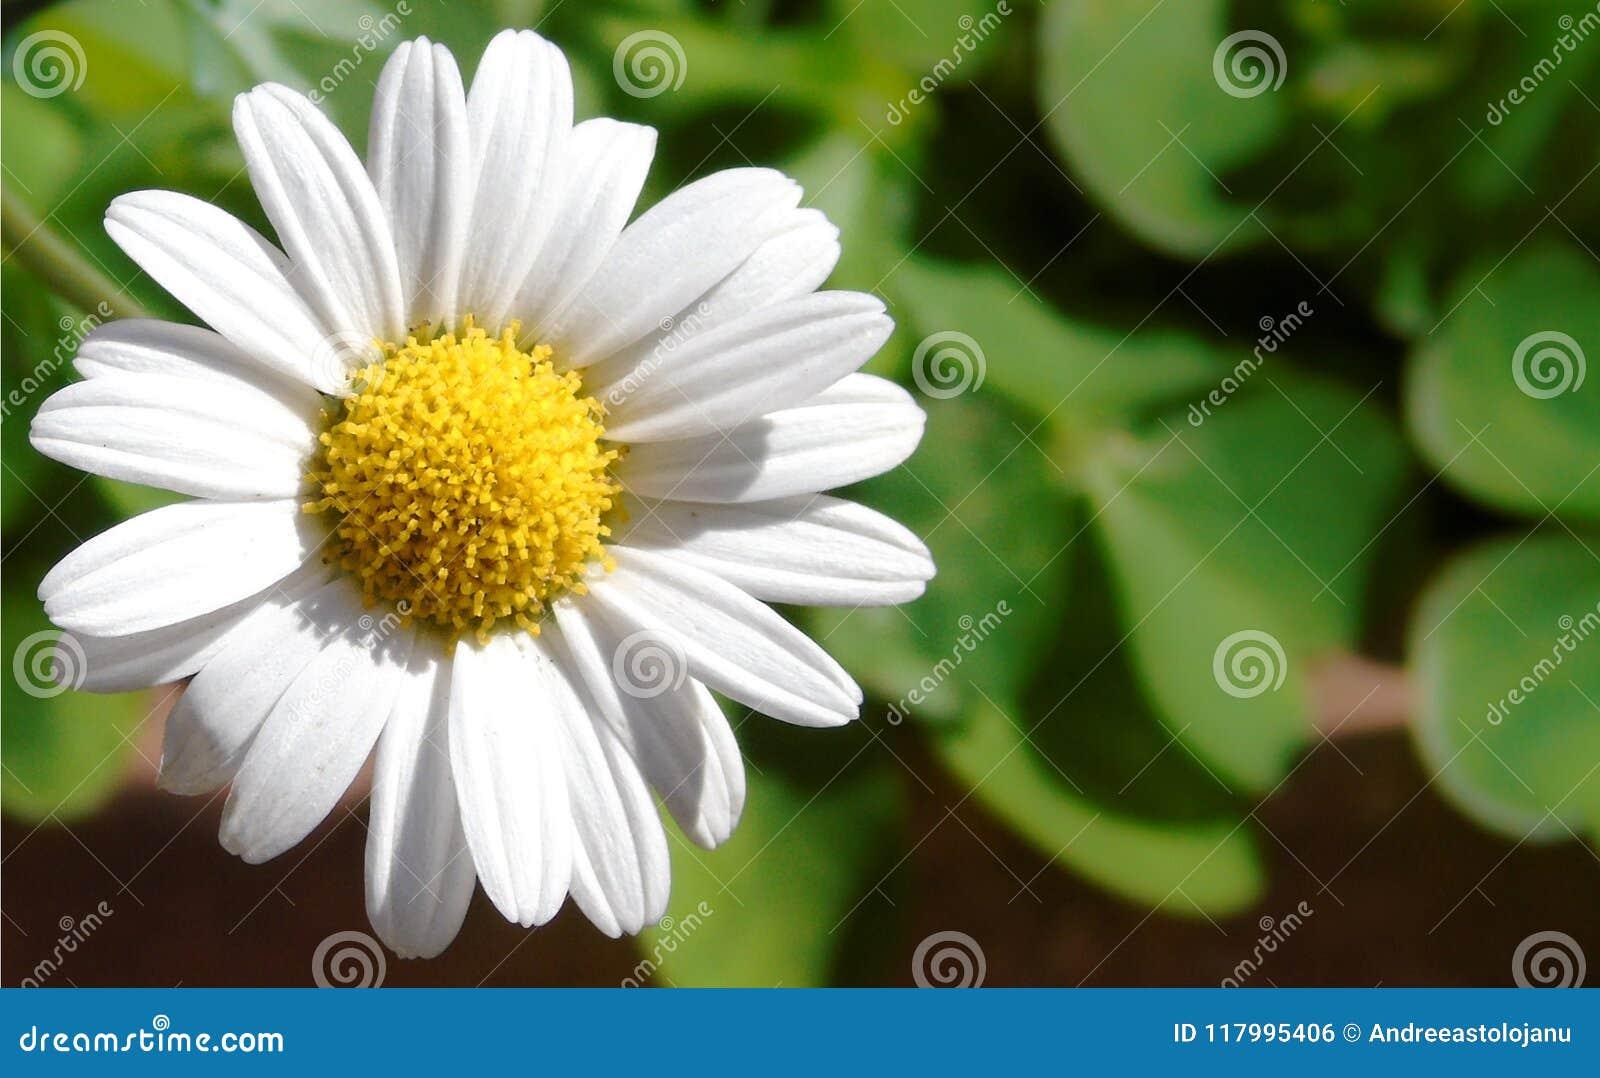 Primo piano di piccola margherita bianca, perfettamente intorno al fiore